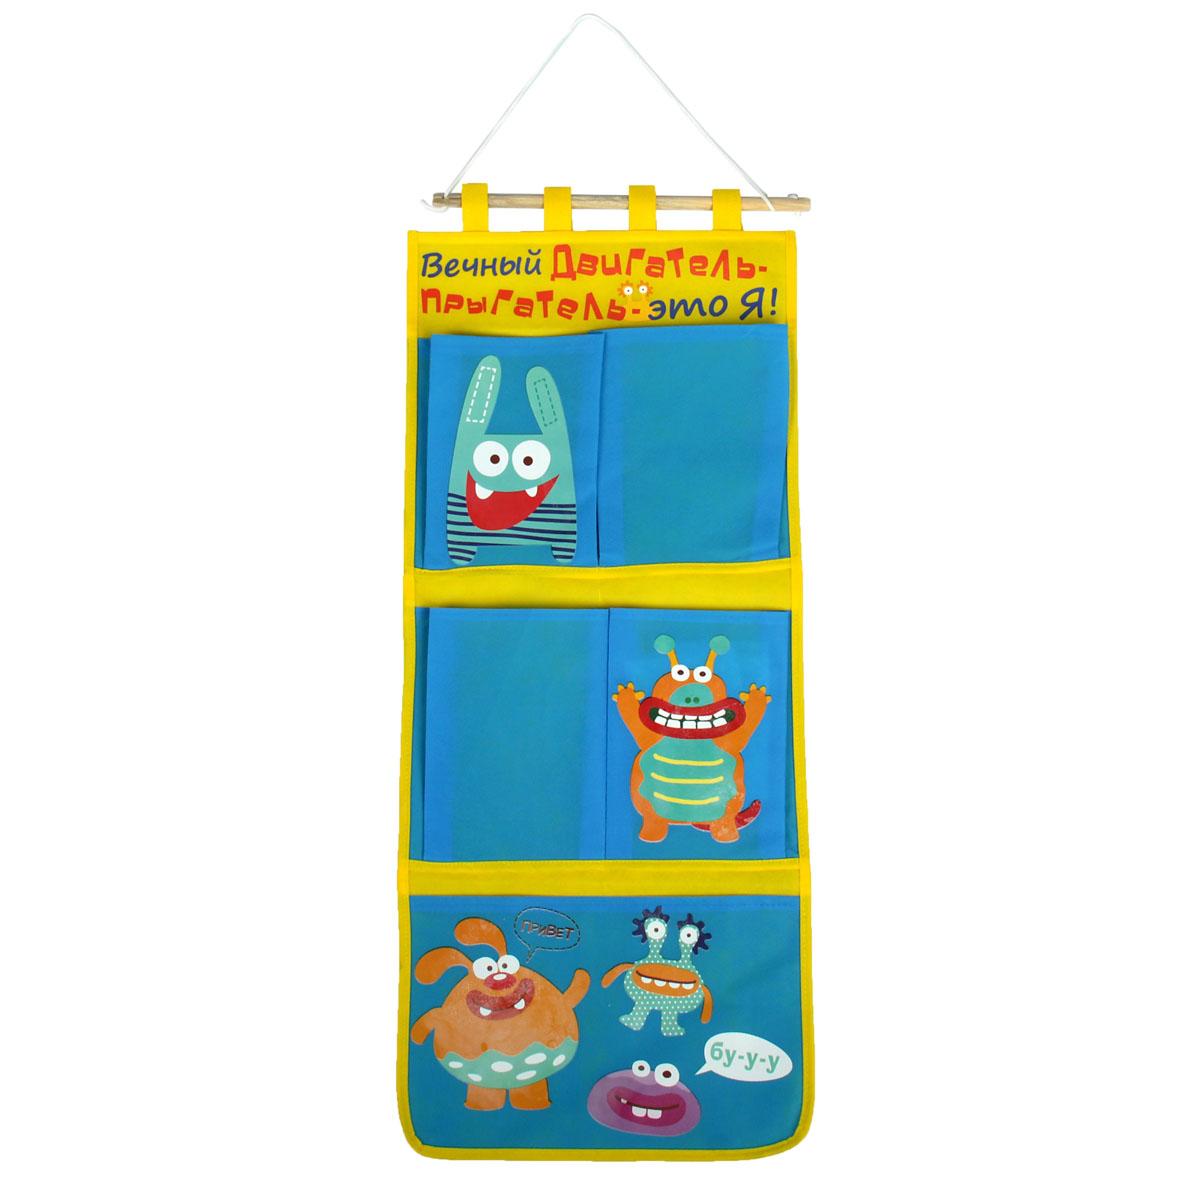 Кармашки на стену Sima-land Двигатель-прыгатель, цвет: голубой, желтый, белый, 5 штRG-D31SКармашки на стену Sima-land «Двигатель-прыгатель», изготовленные из текстиля, предназначены для хранения необходимых вещей, множества мелочей в гардеробной, ванной, детской комнатах. Изделие представляет собой текстильное полотно с пятью пришитыми кармашками. Благодаря деревянной планке и шнурку, кармашки можно подвесить на стену или дверь в необходимом для вас месте. Кармашки декорированы изображениями забавных фантастических мультяшек и надписью «Вечный двигатель-прыгатель - это я!».Этот нужный предмет может стать одновременно и декоративным элементом комнаты. Яркий дизайн, как ничто иное, способен оживить интерьер вашего дома.